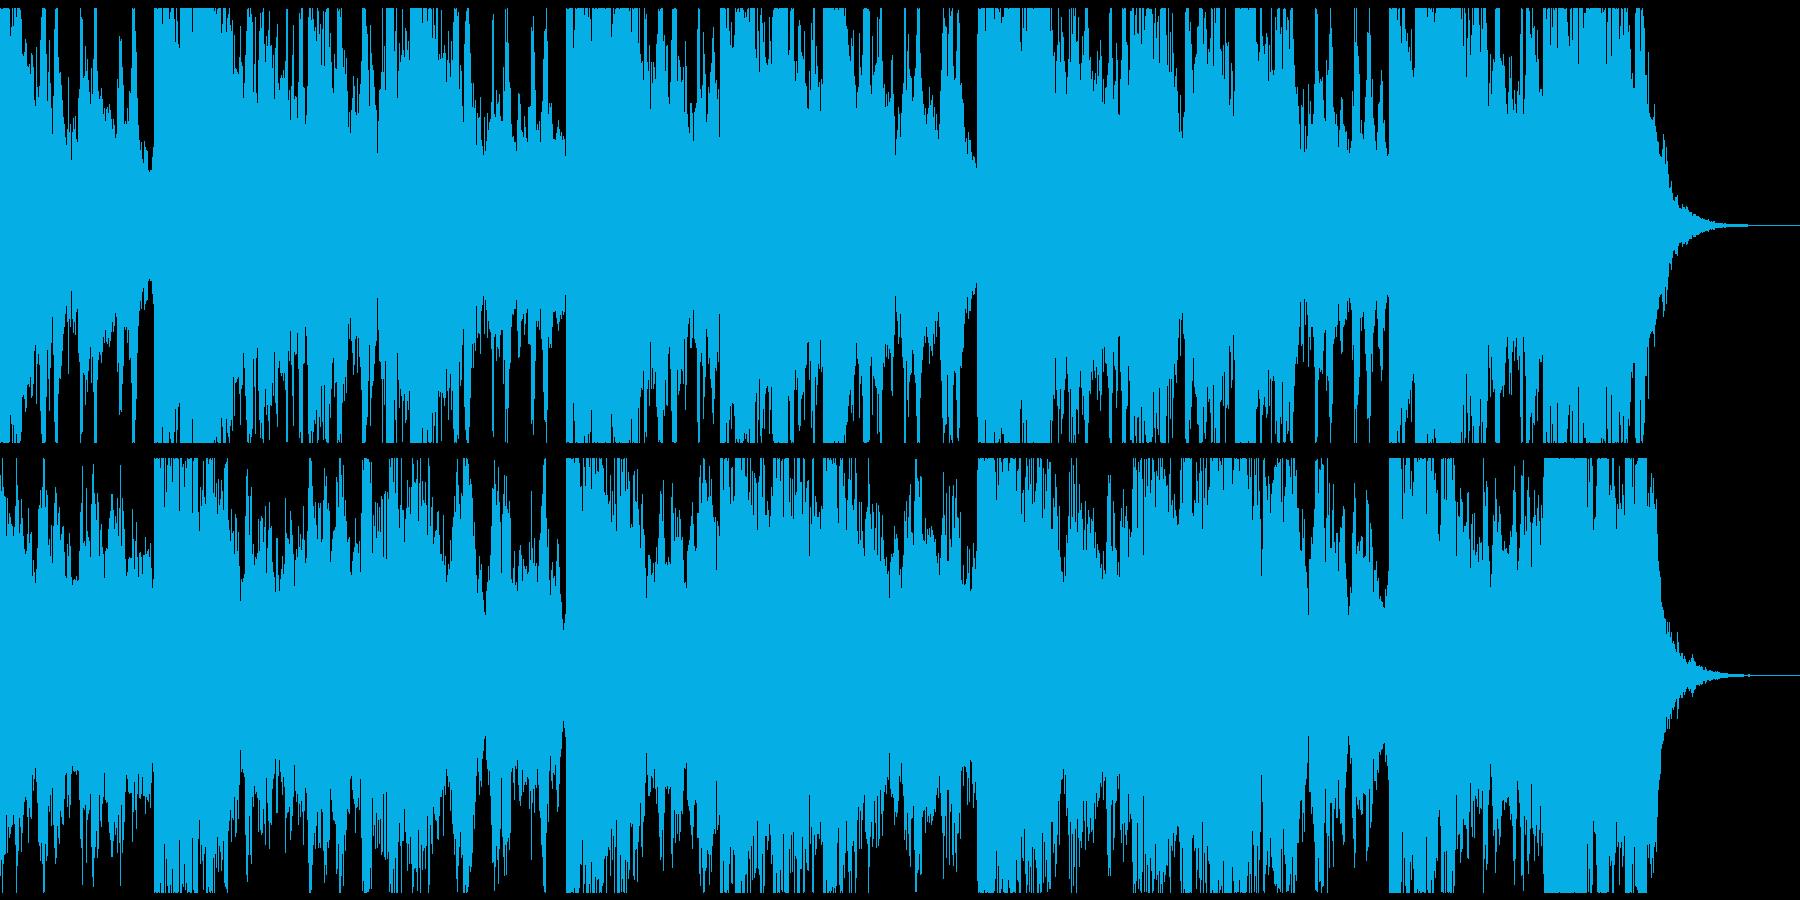 未来 希望 ピアノ ストリングス 叶えるの再生済みの波形